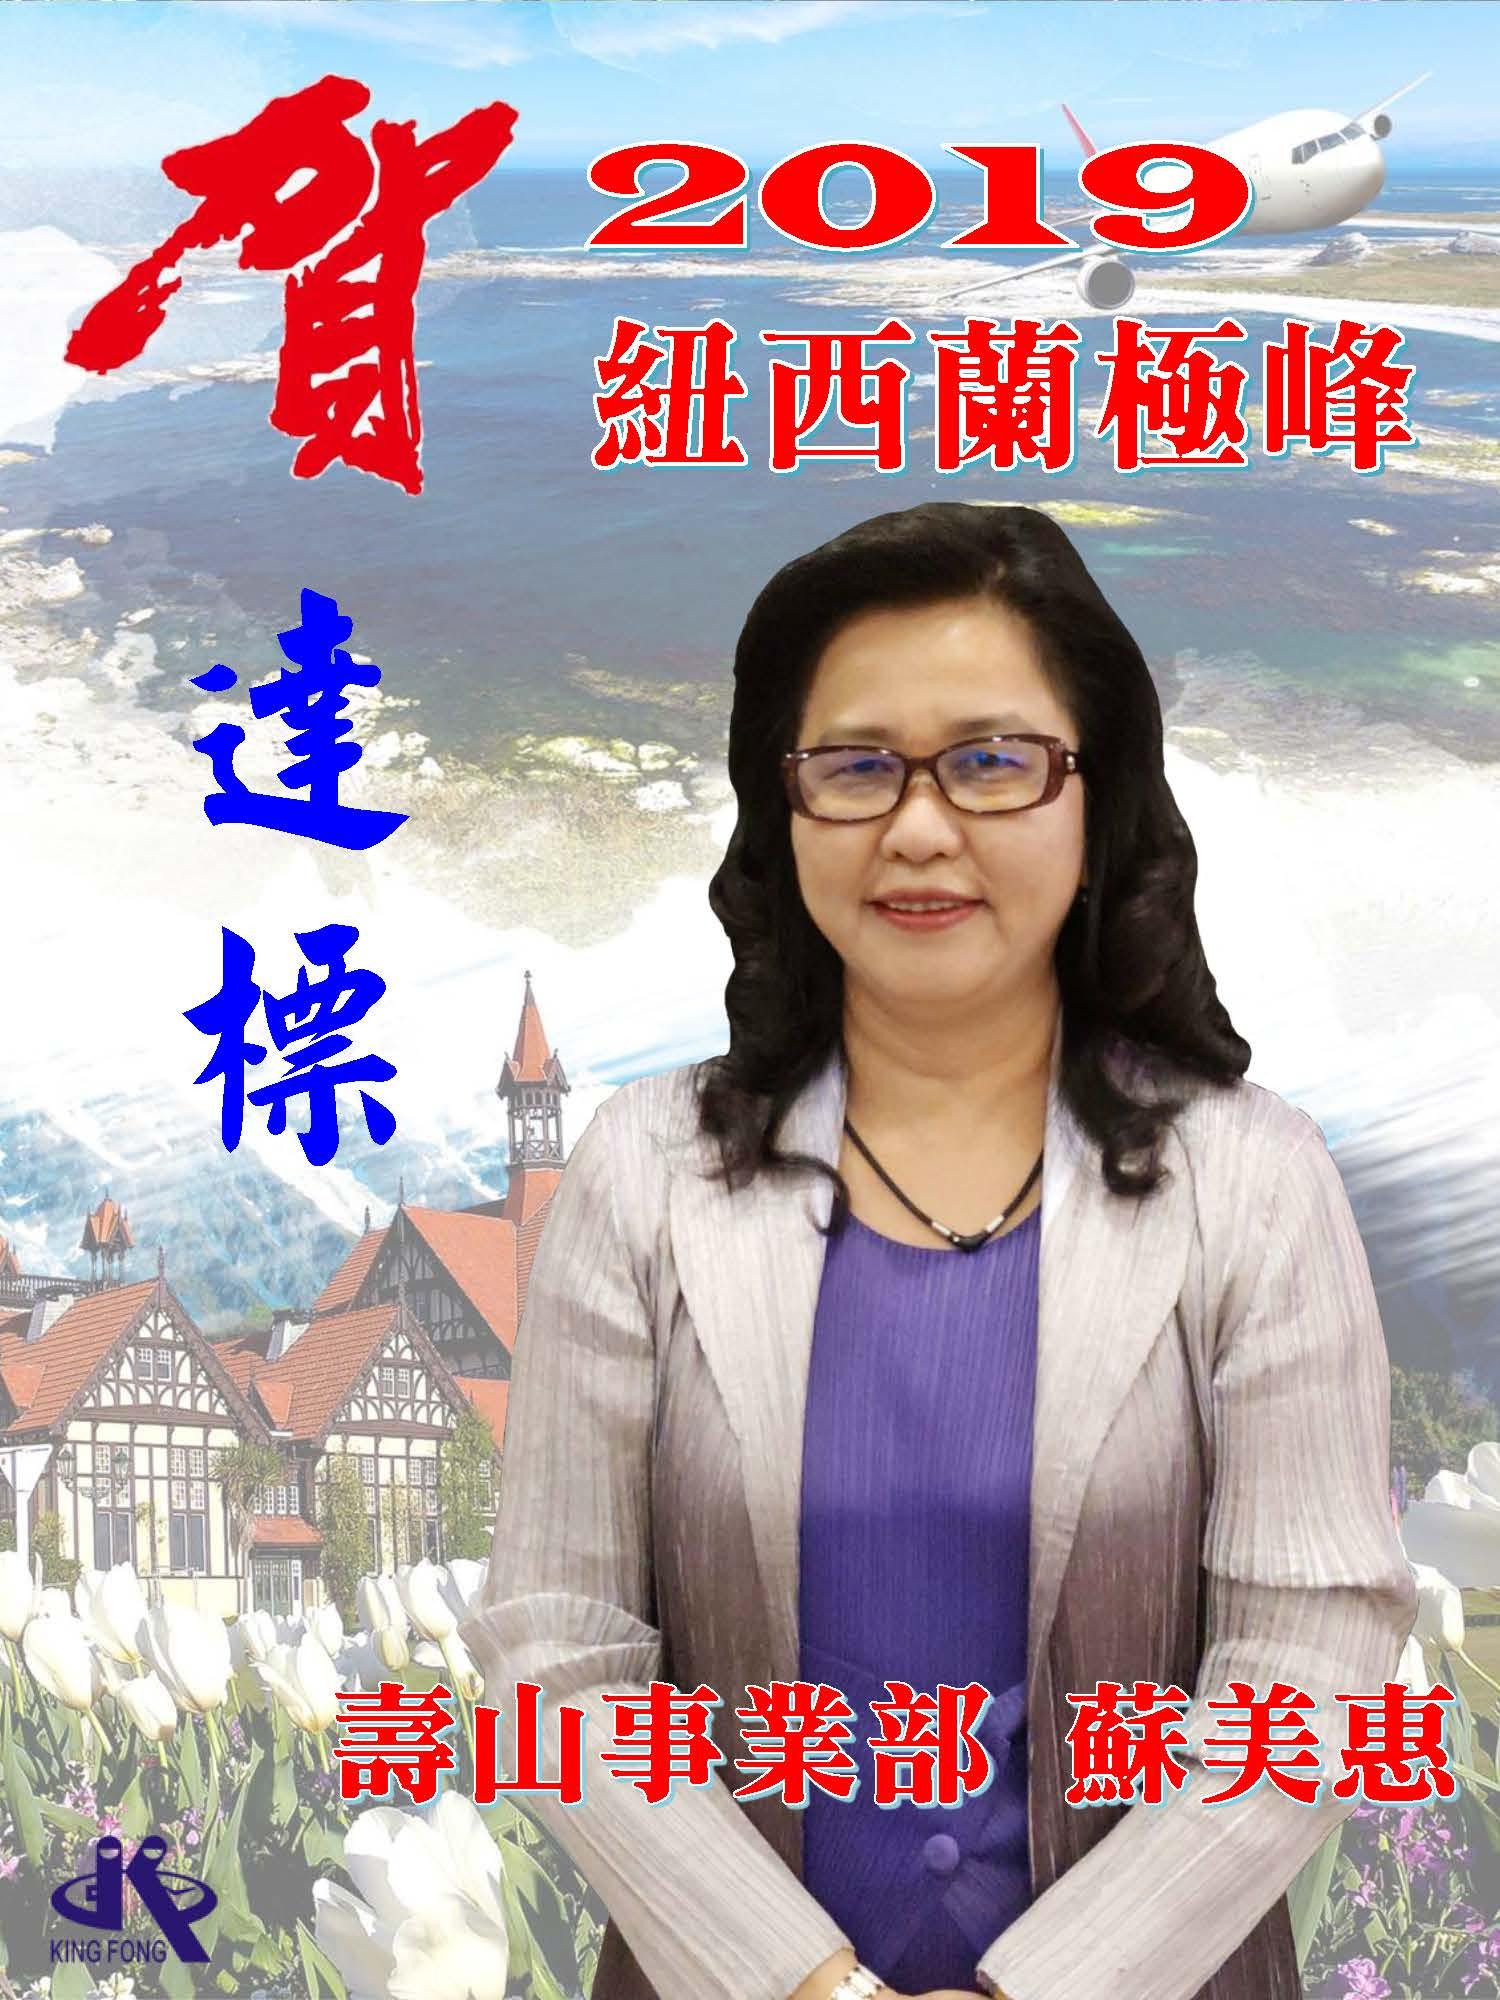 20190724-2019紐西蘭極峰達標-蘇美惠